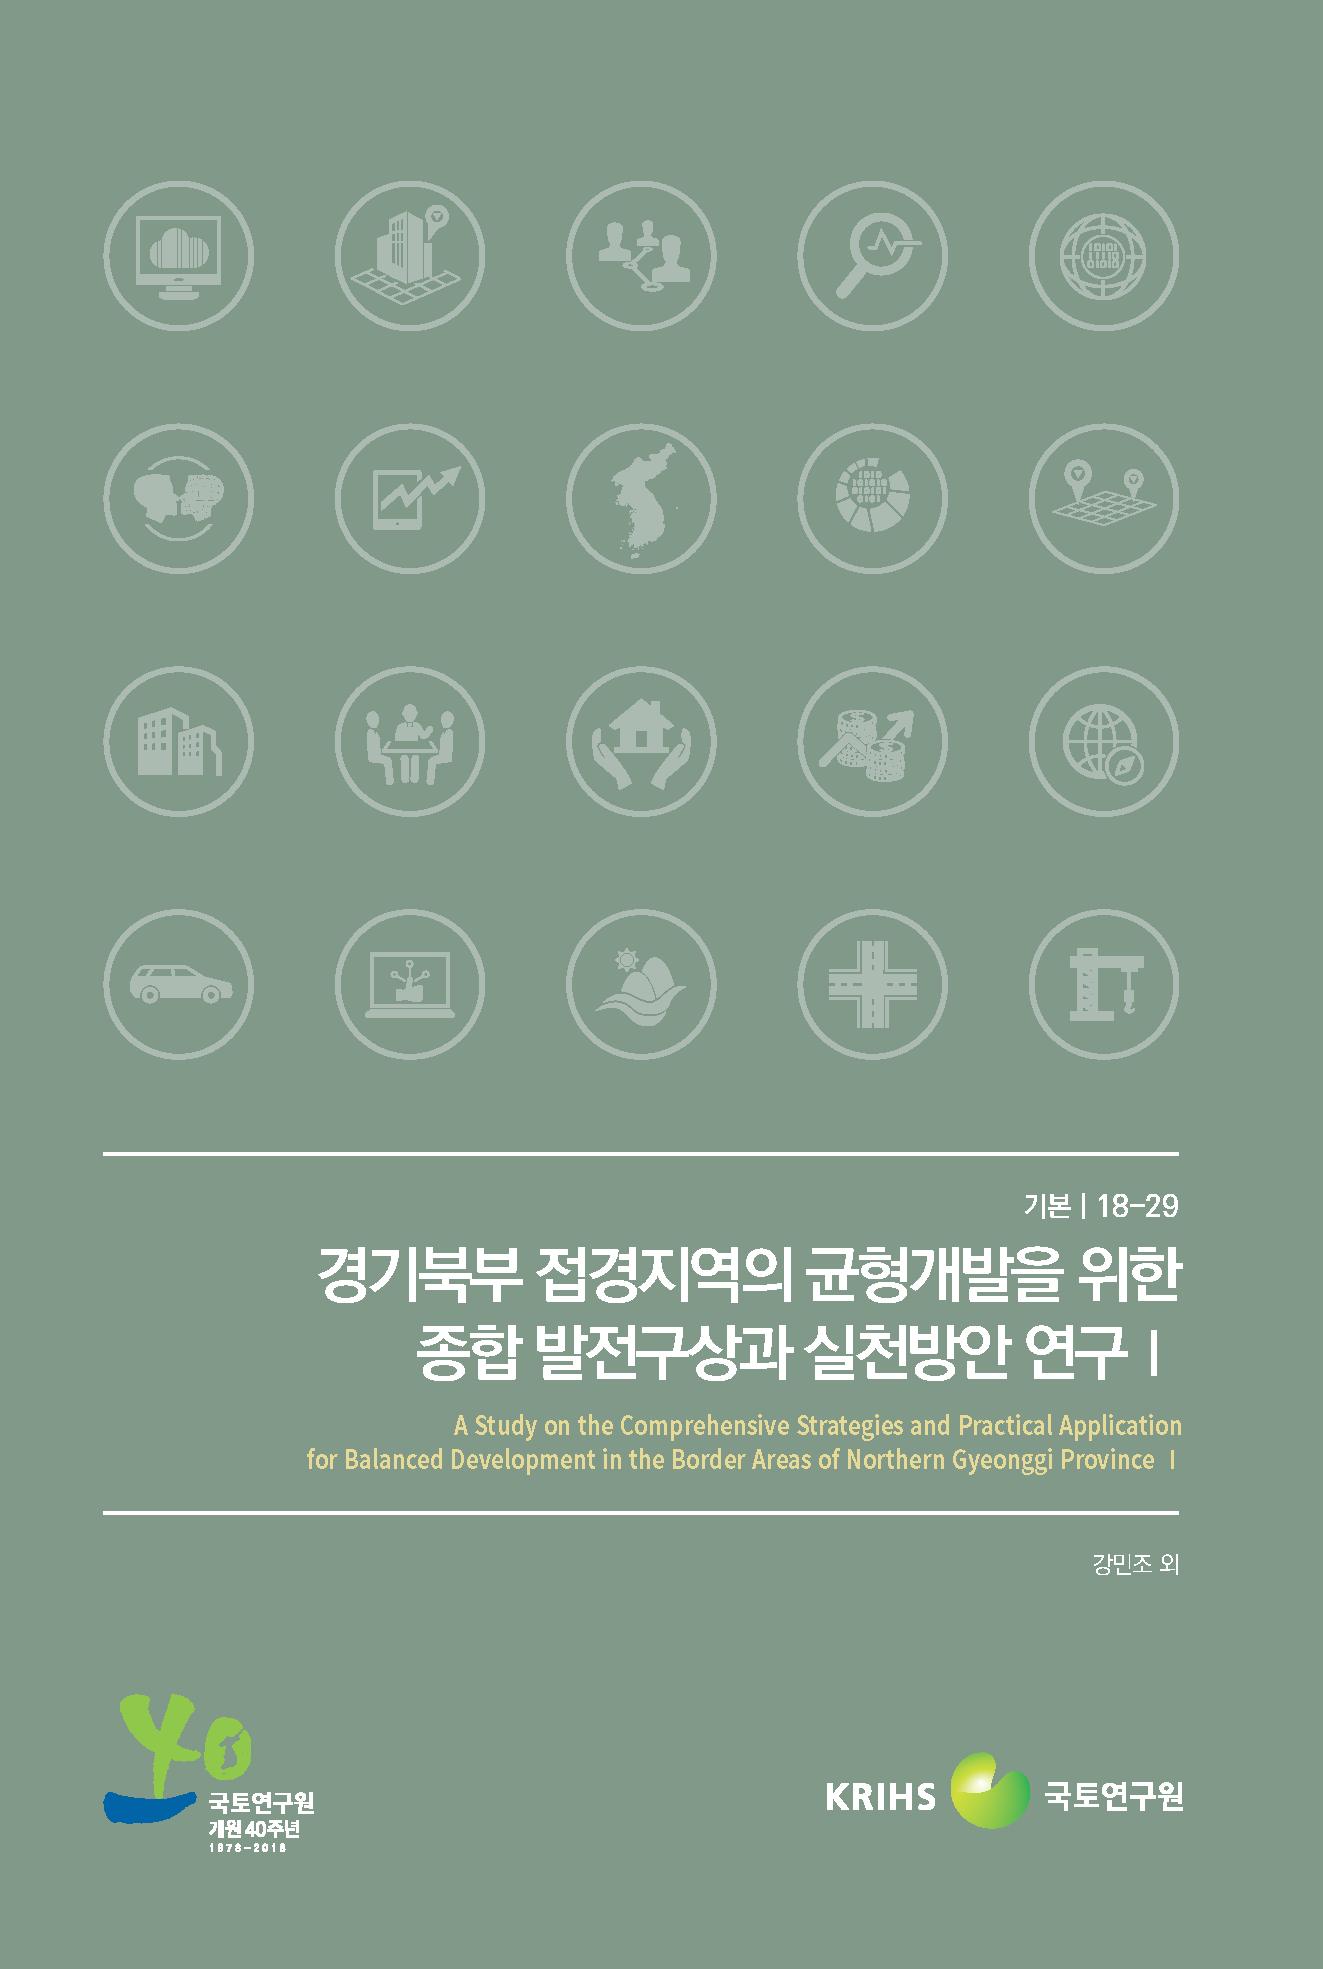 경기북부 접경지역의 균형개발을 위한 종합 발전구상과 실천방안 연구 I